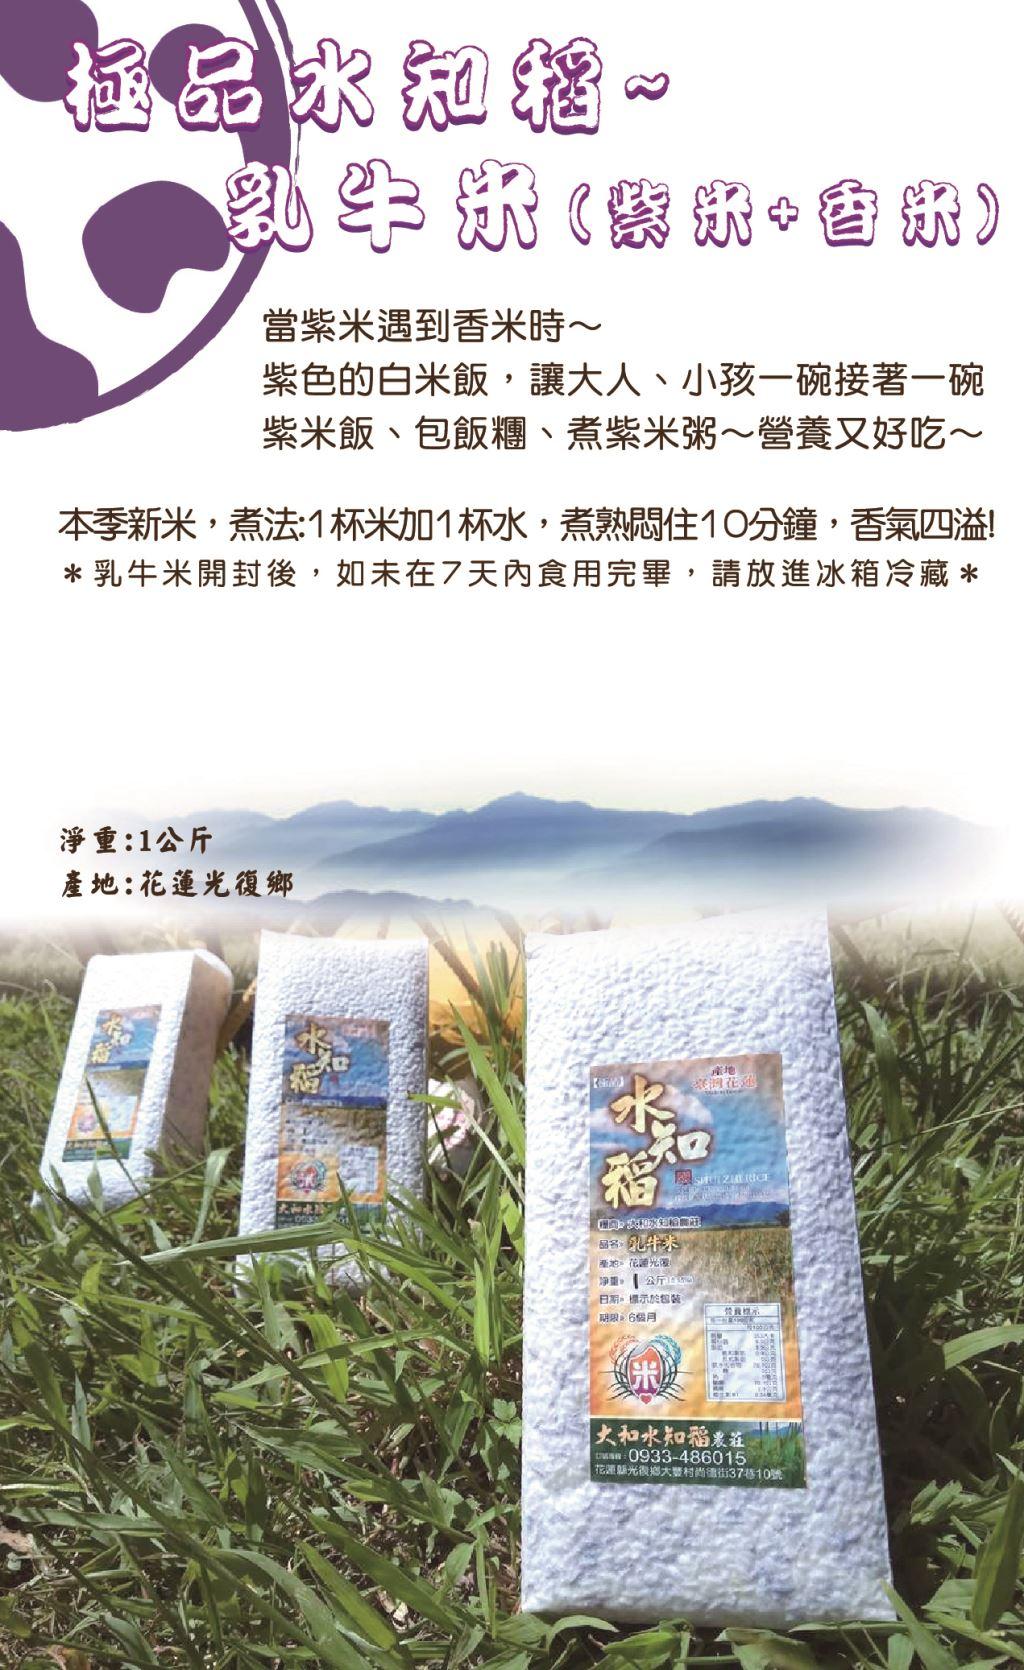 極品水知稻 - 乳牛米 | 花東米 | 東部好米 | 乳牛米 | 紫米 | 香米 | 白米 | 米 | 花蓮名產 | 花蓮特產 |【特色產品】